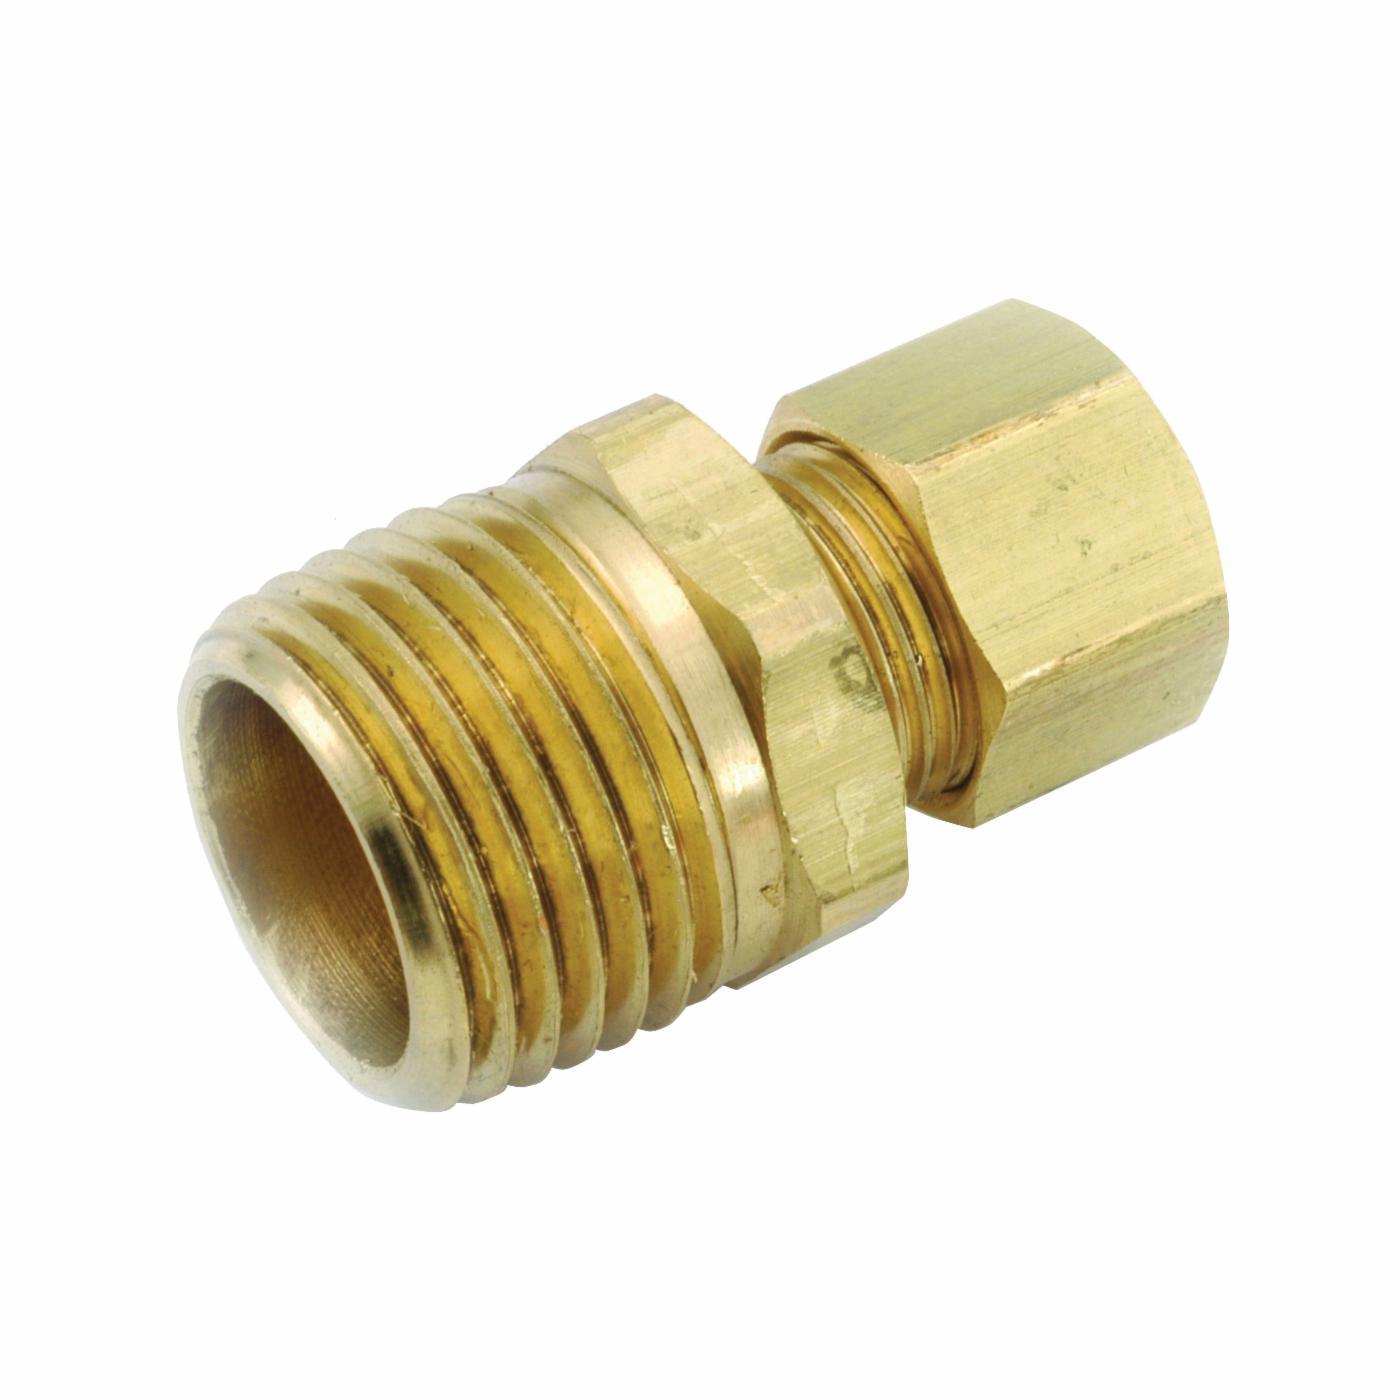 Anderson Metals 750068-0606